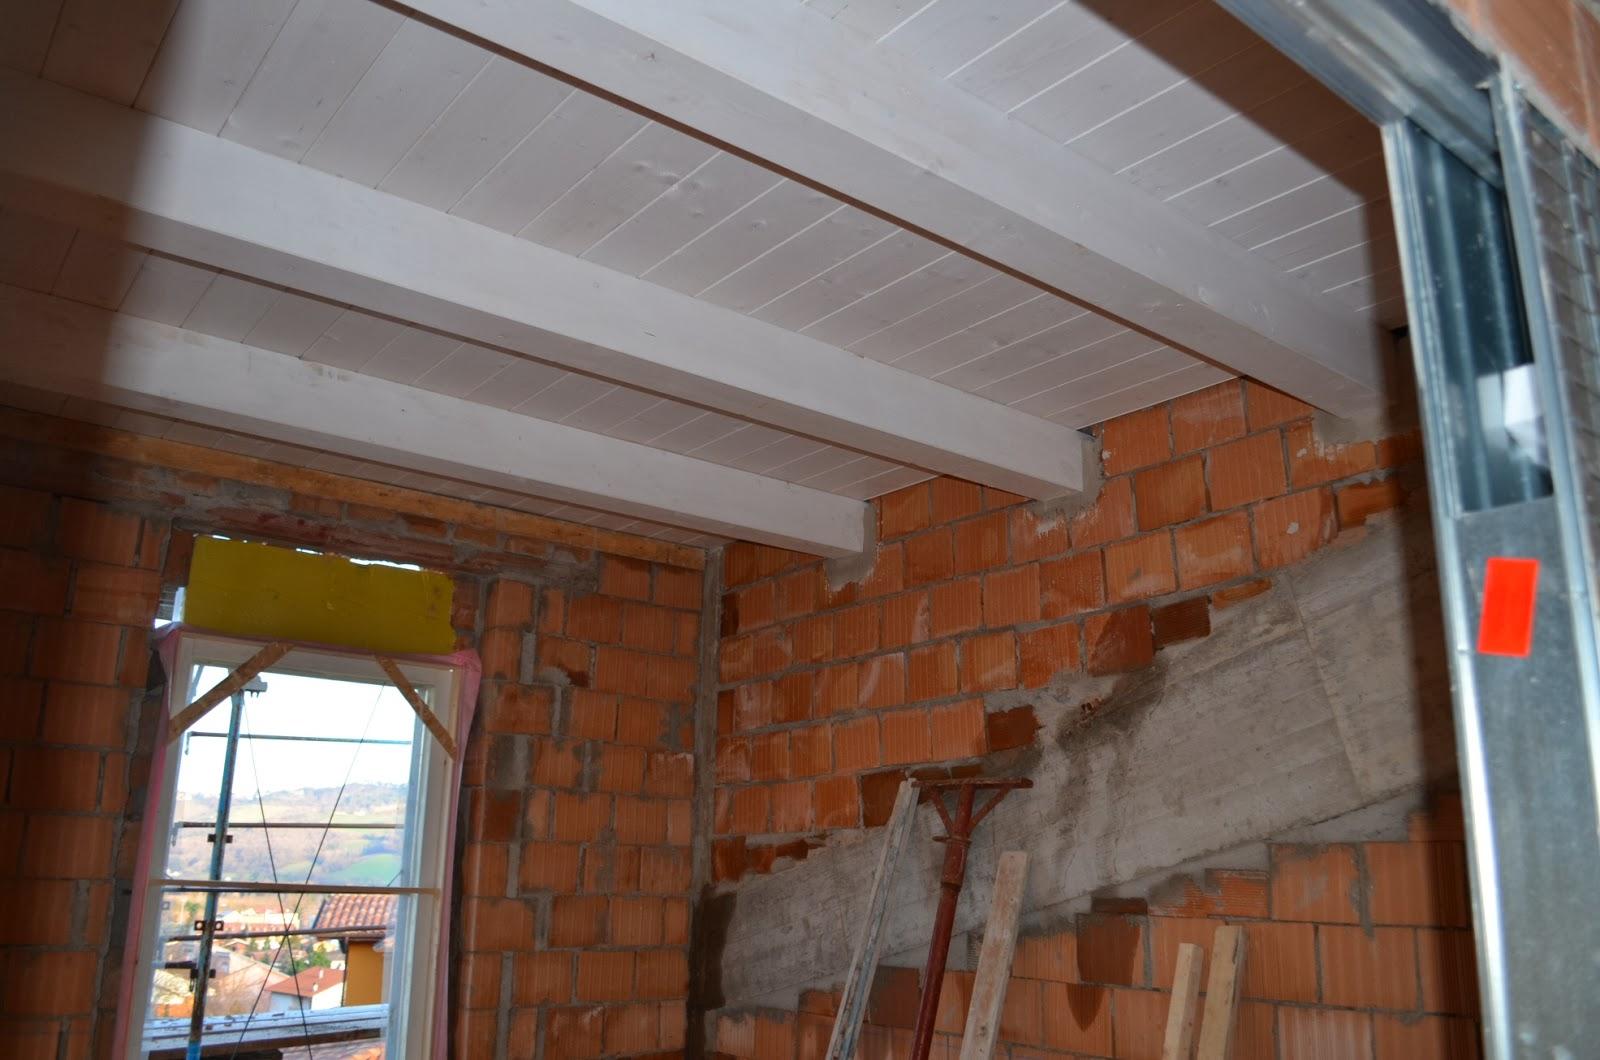 Casa delle ginestre muri divisori e controtelai di porte - Tetto in legno bianco ...